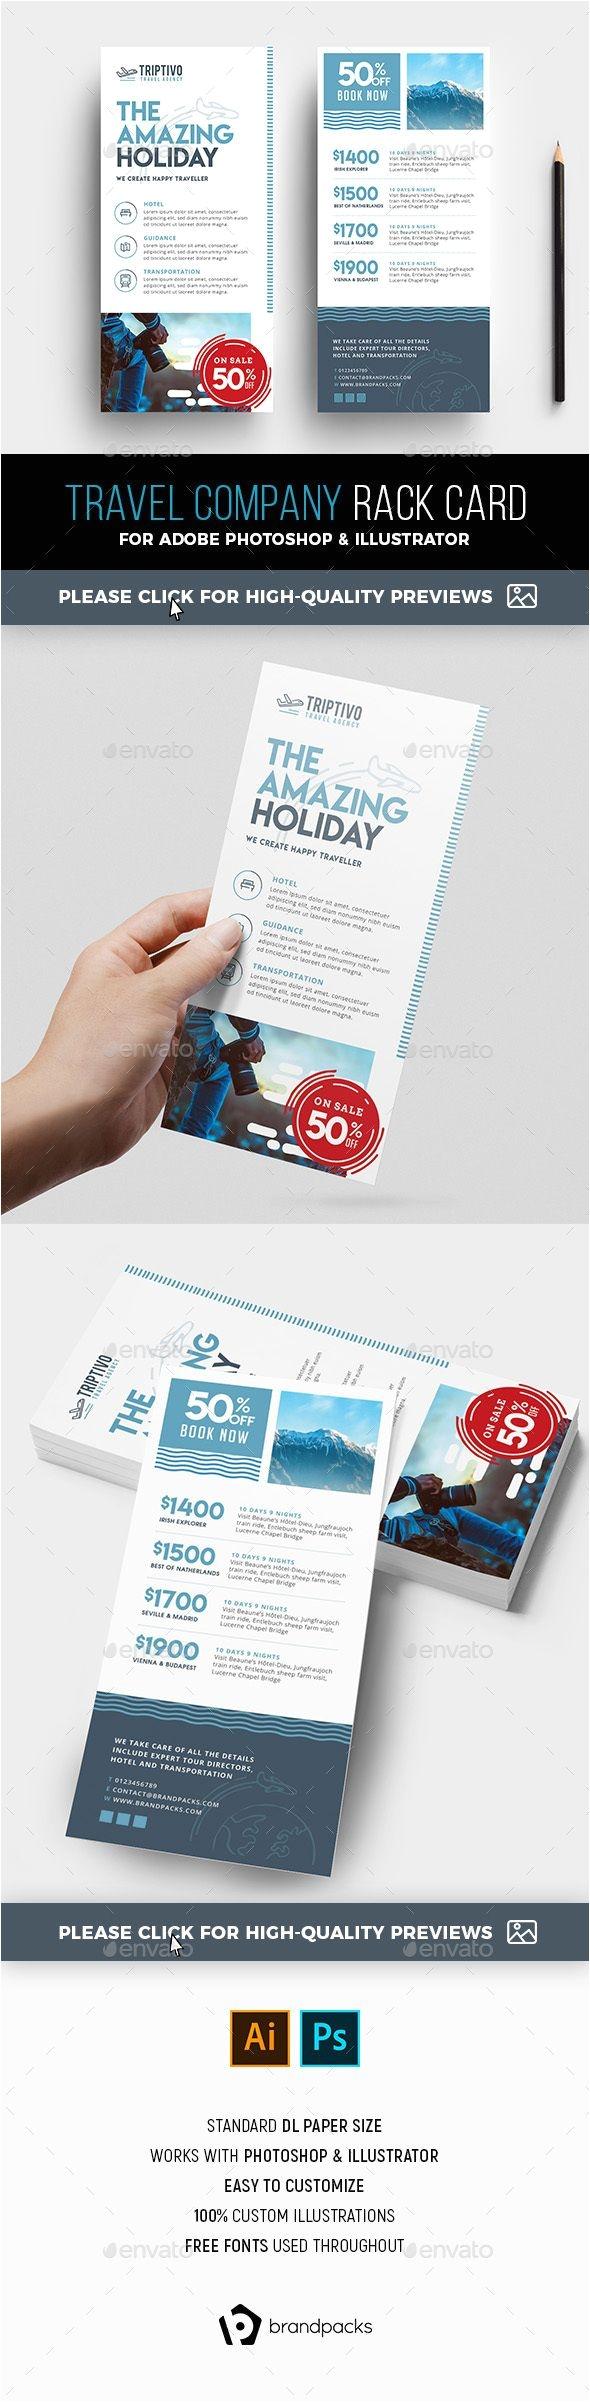 dl travel company rack card template psd ai